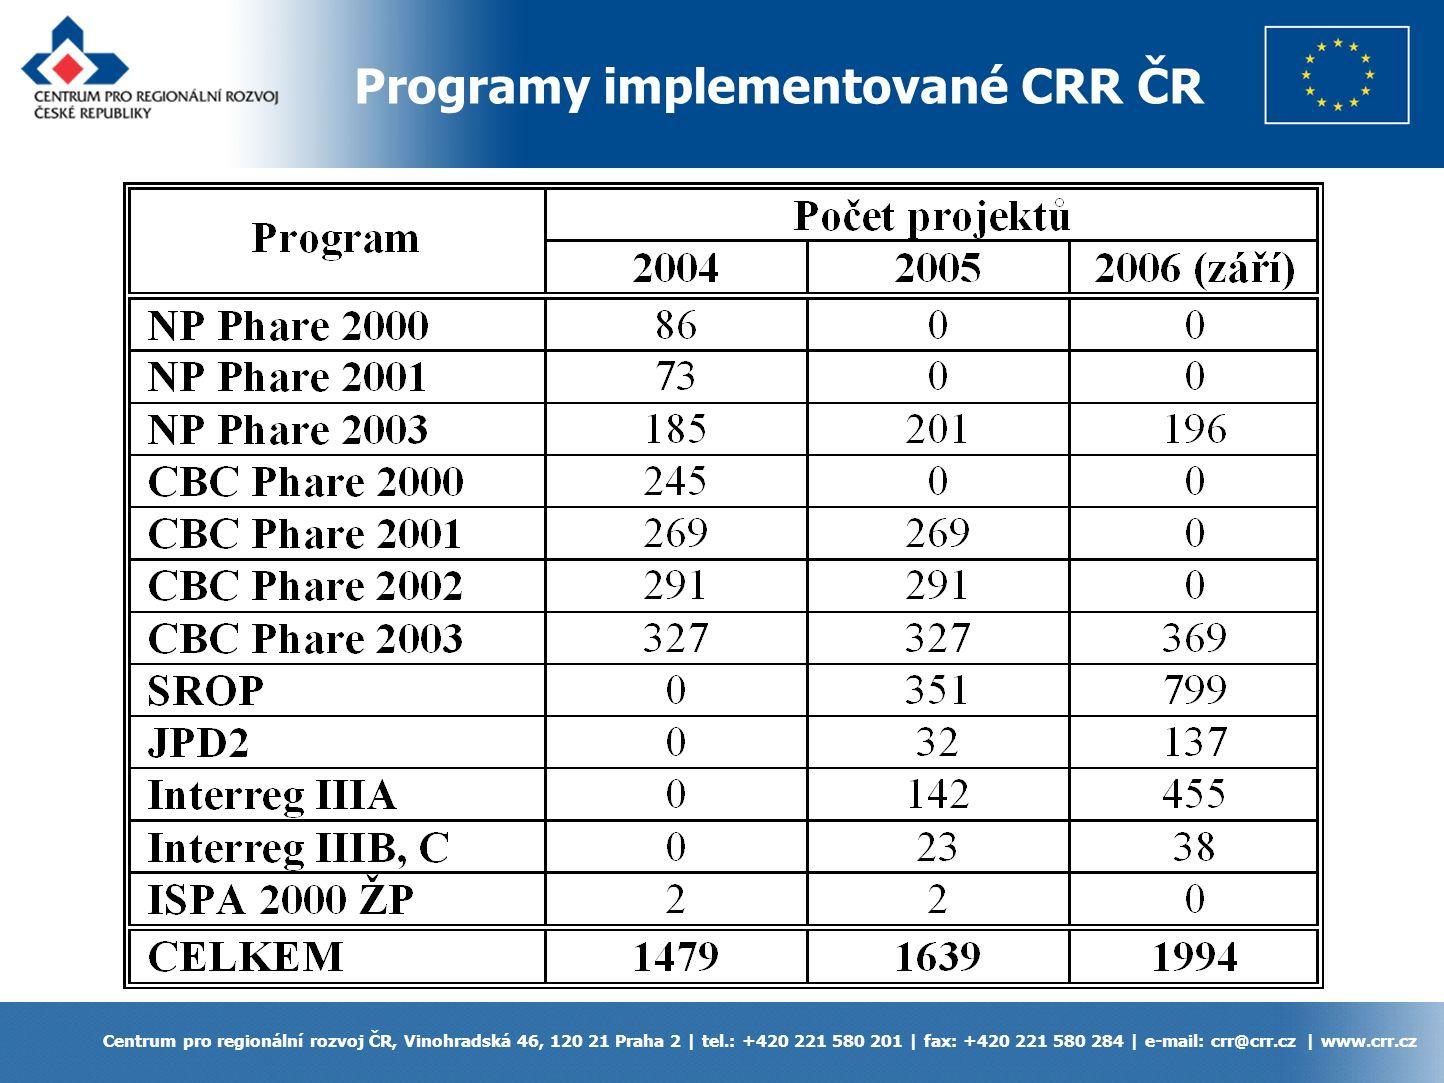 Programy implementované CRR ČR Centrum pro regionální rozvoj ČR, Vinohradská 46, 120 21 Praha 2 | tel.: +420 221 580 201 | fax: +420 221 580 284 | e-mail: crr@crr.cz | www.crr.cz